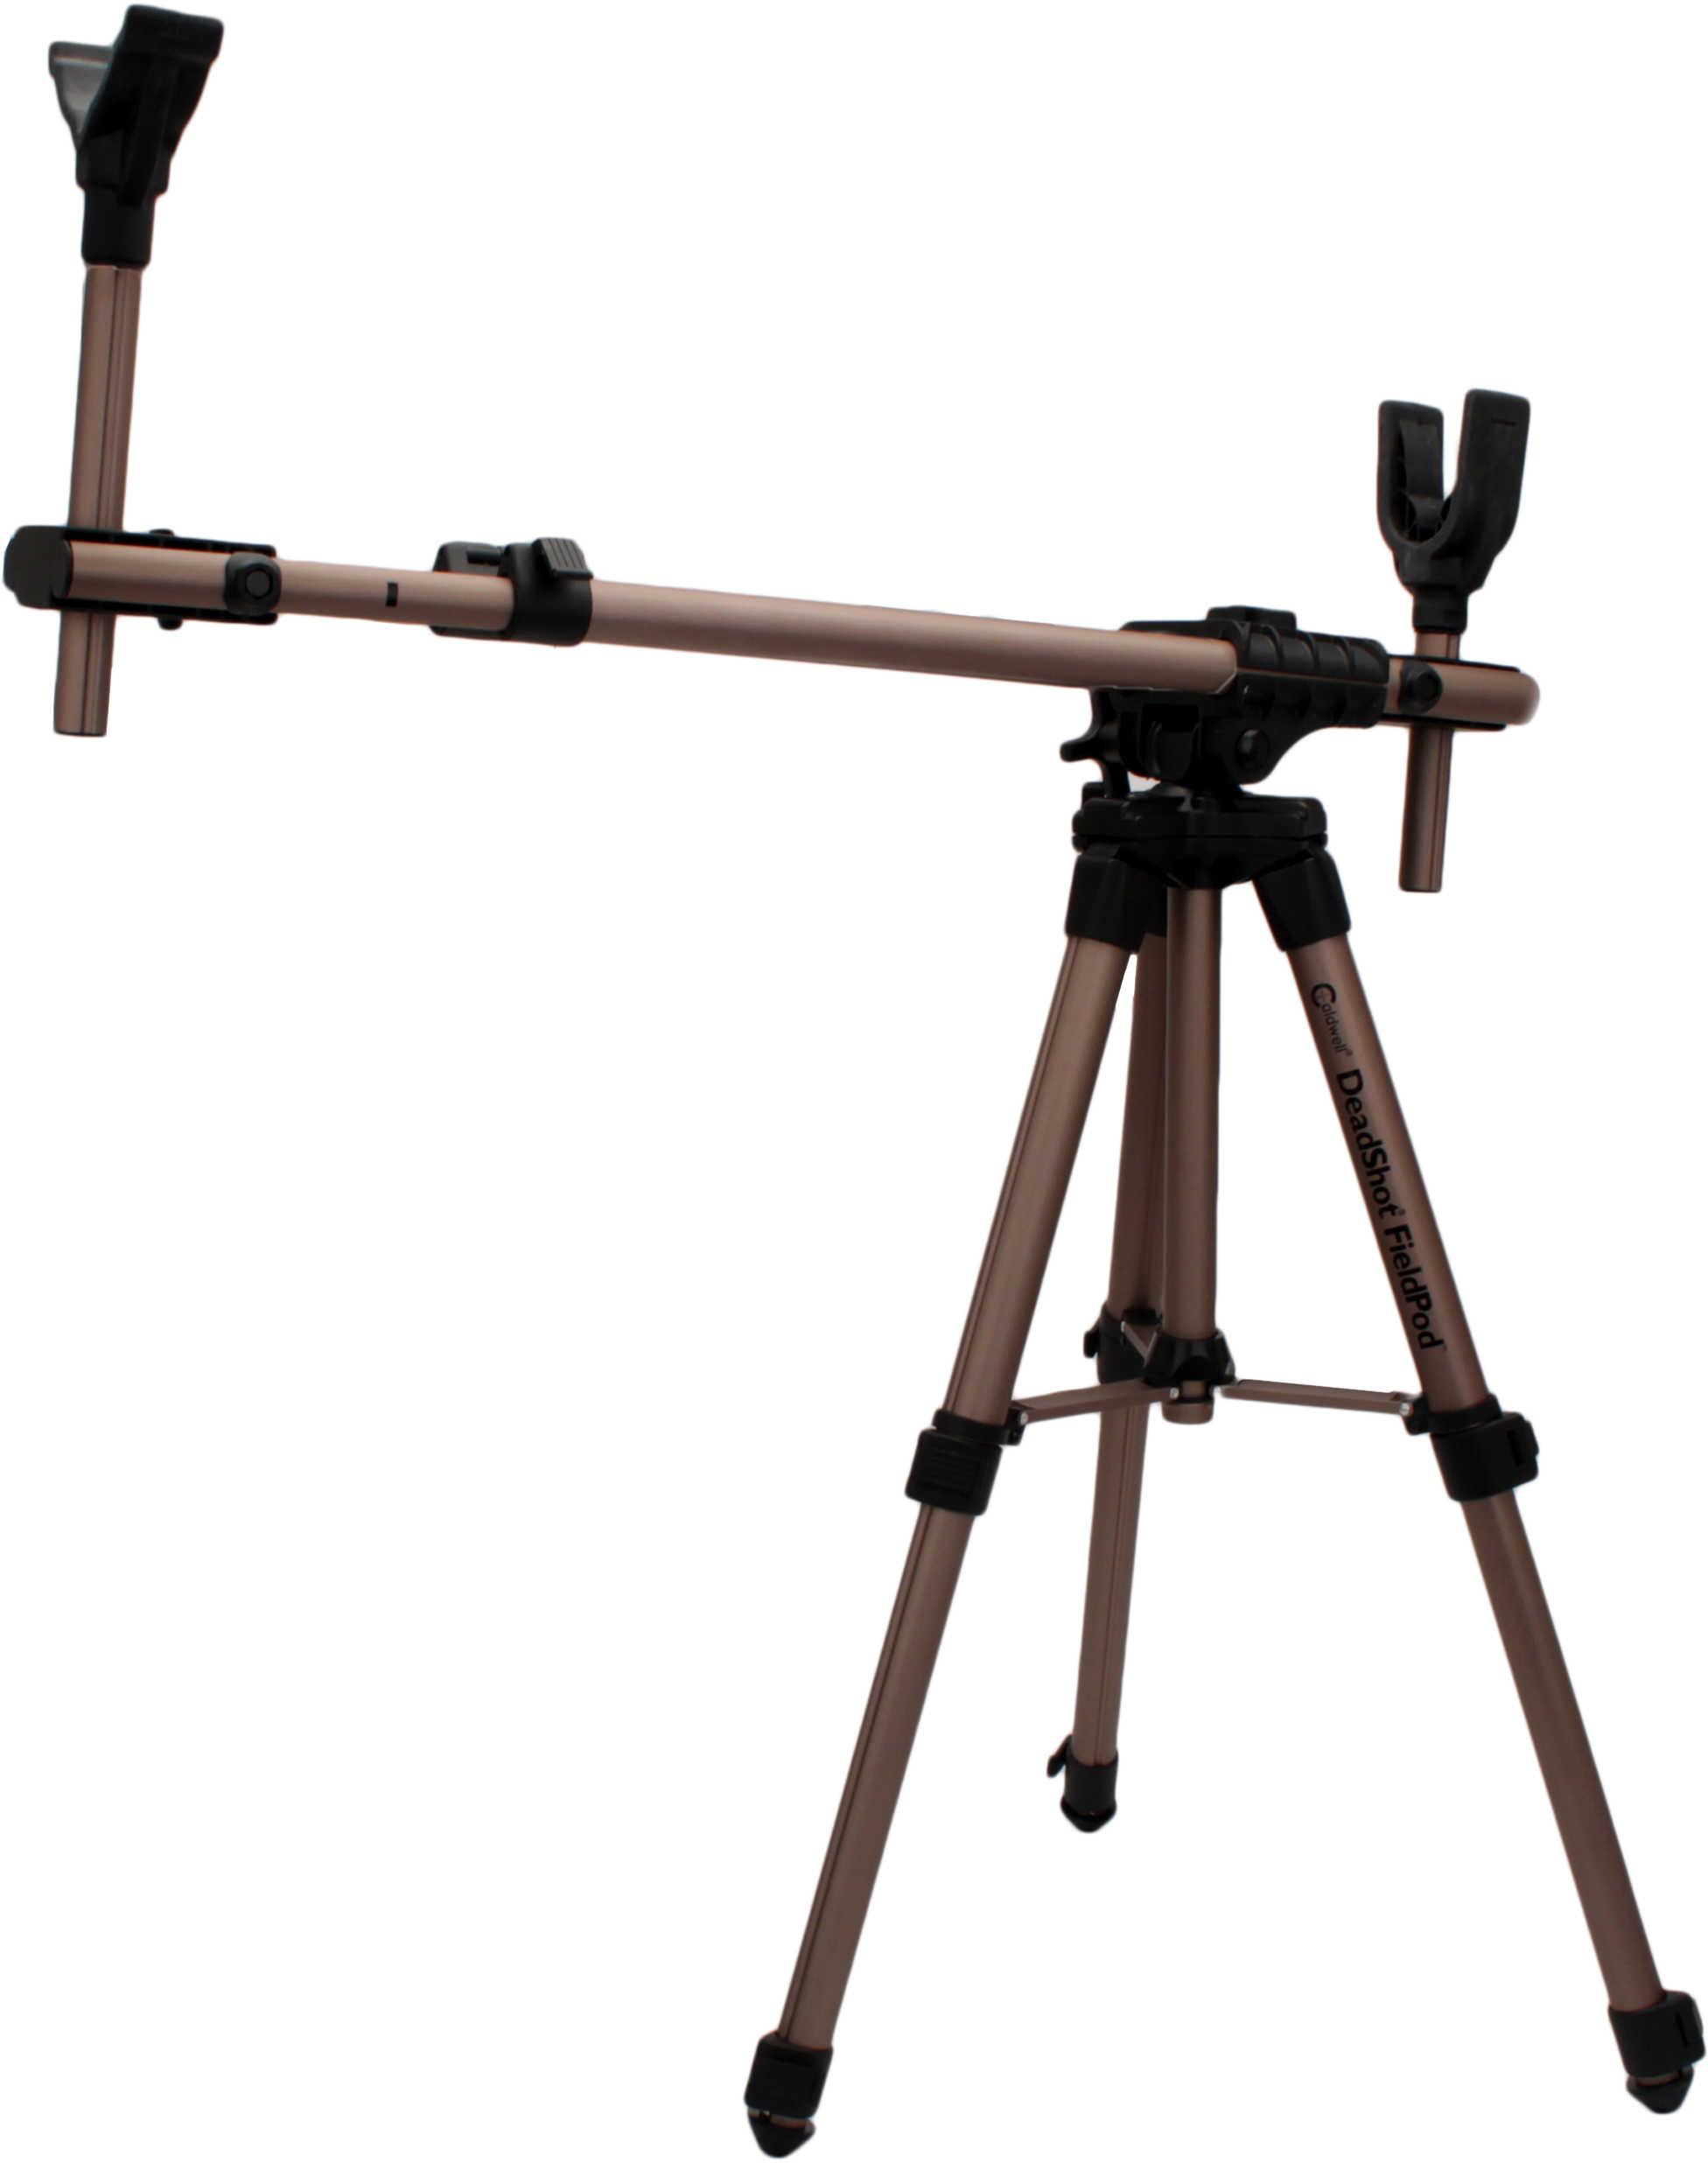 Caldwell DeadShot FieldPod Model: 488000